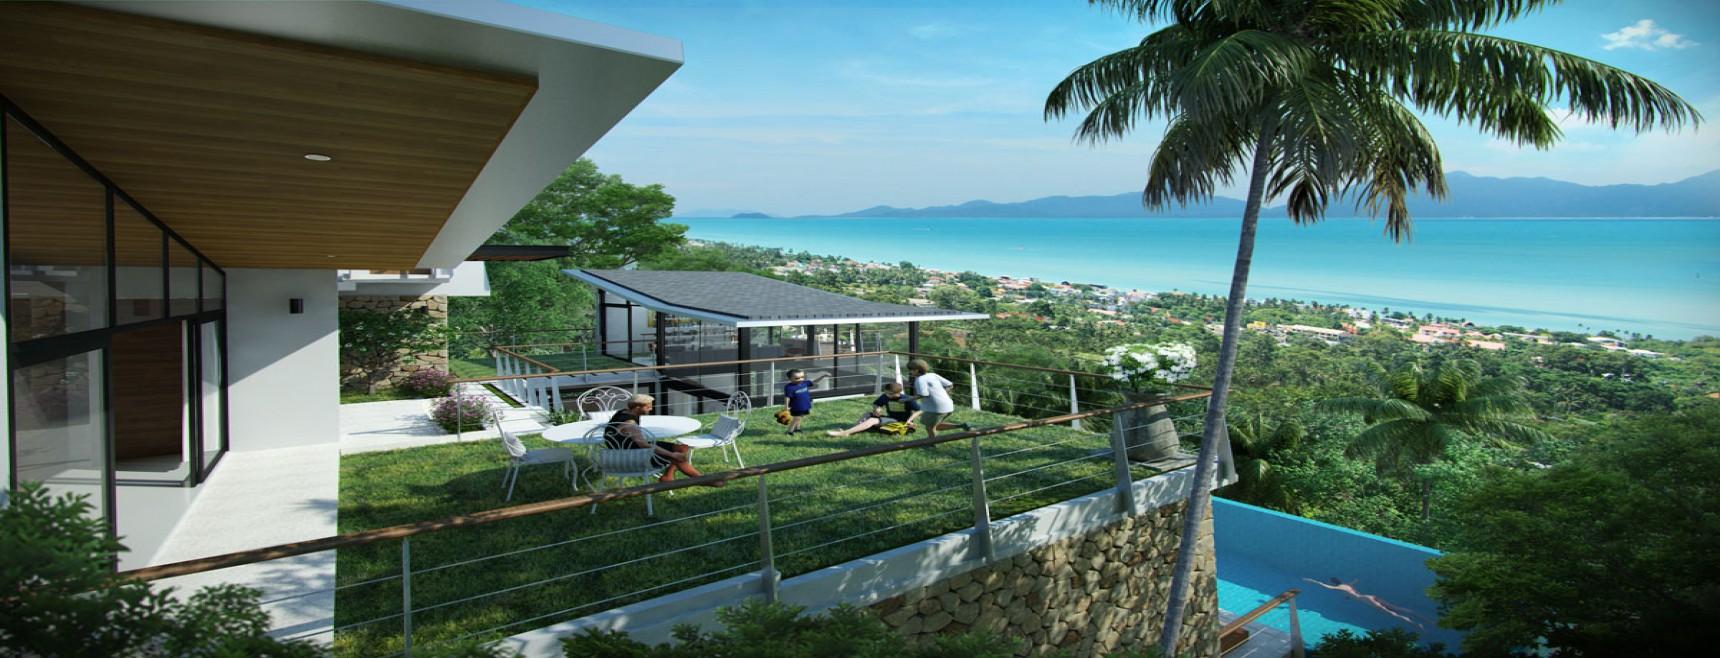 5 Bedrooms, Villa, Residential Sales, 6 Bathrooms, Listing ID 1280, Bophut, North East, Koh Samui,